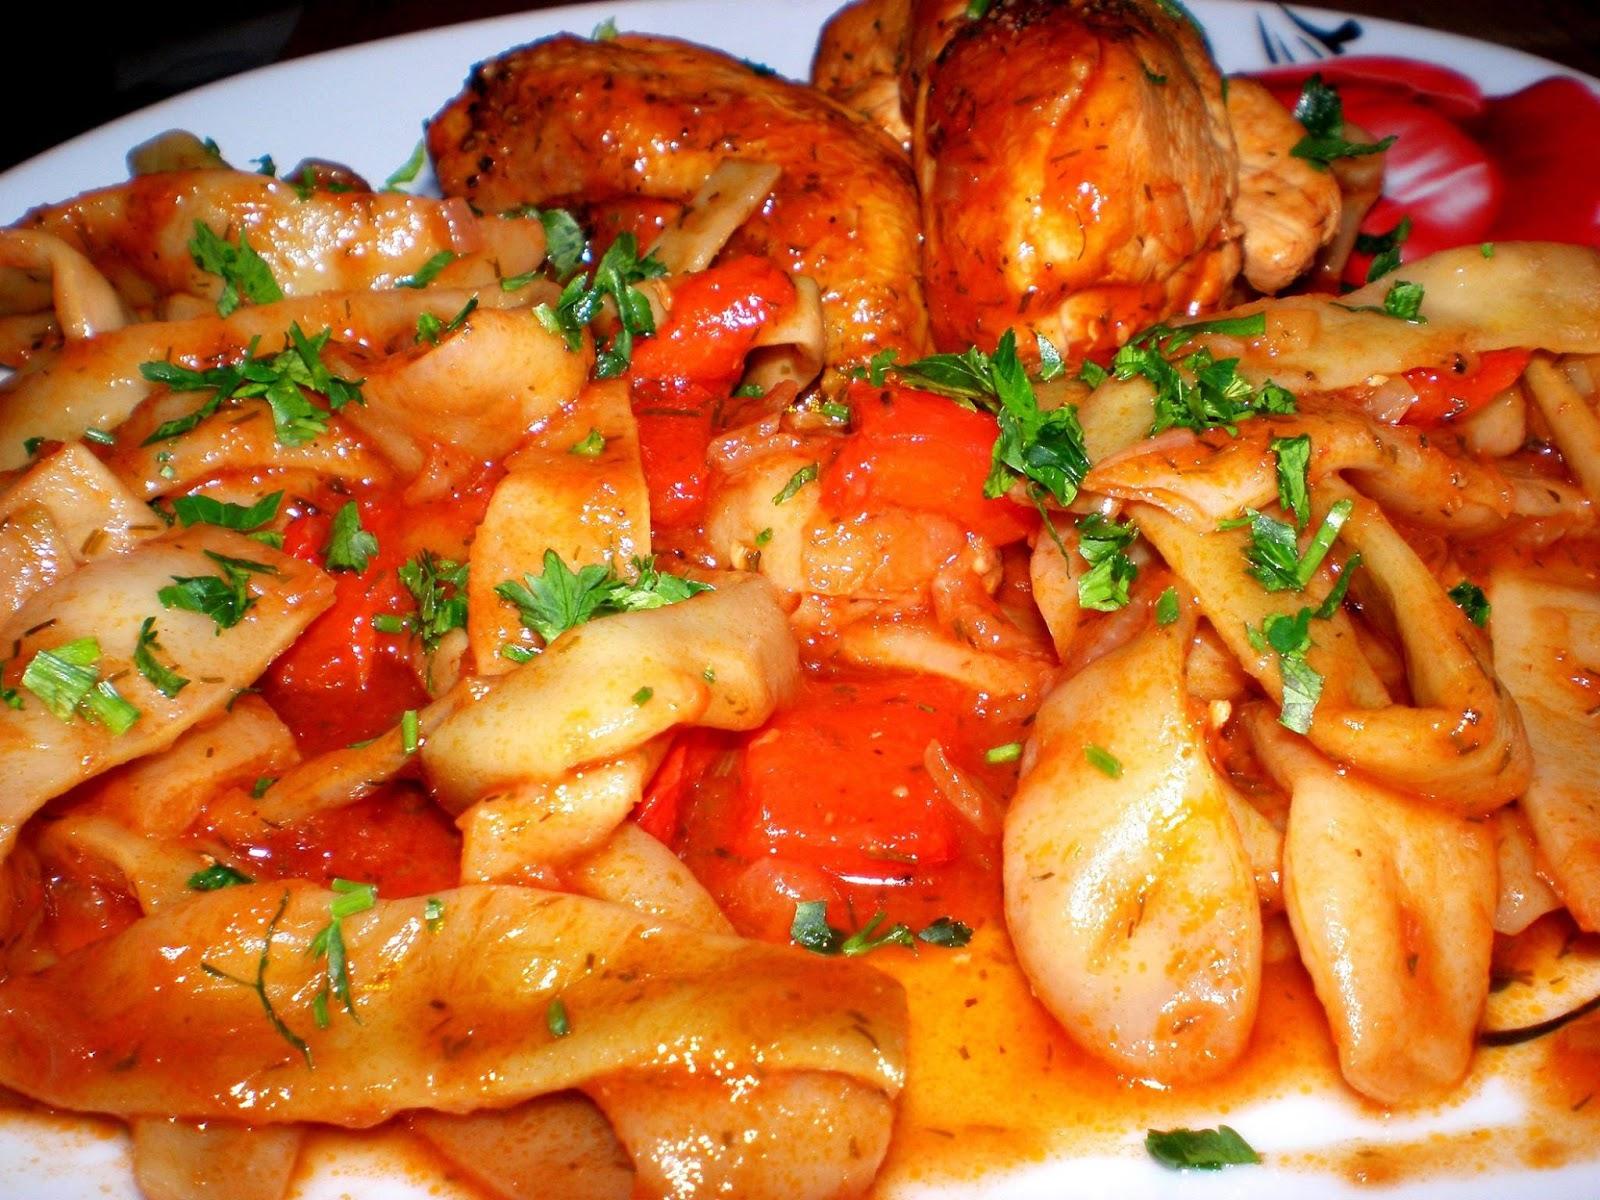 Piept de pui și fasole cu sos de tomate